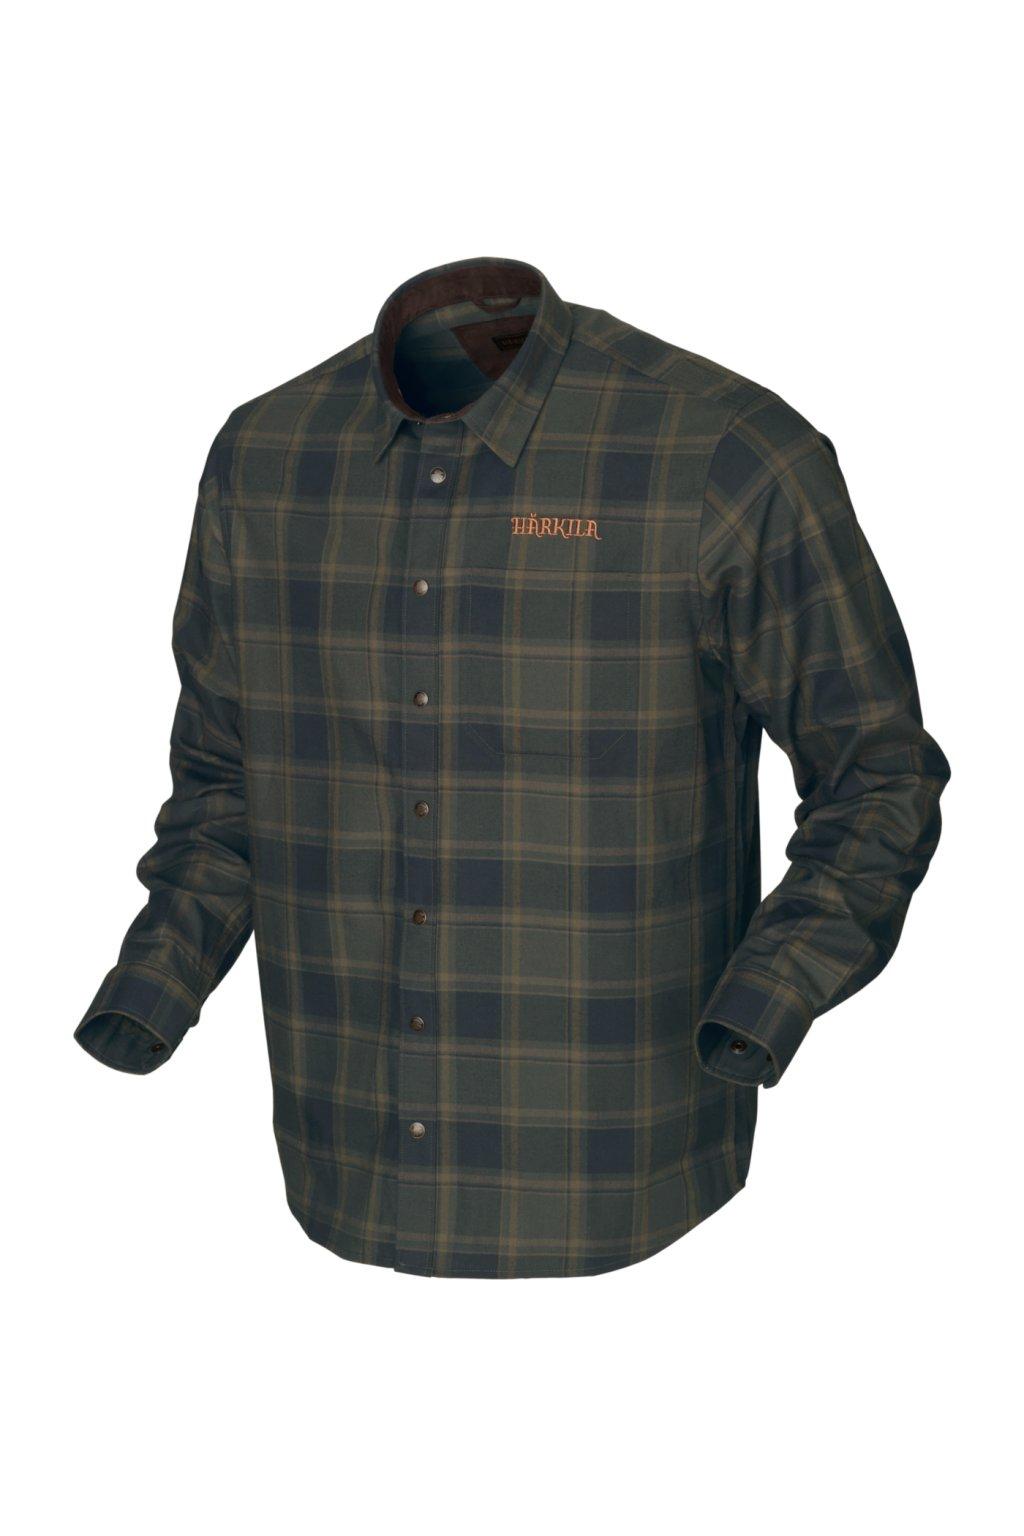 Härkila - Metso Active košile pánská s dlouhým rukávem zelená